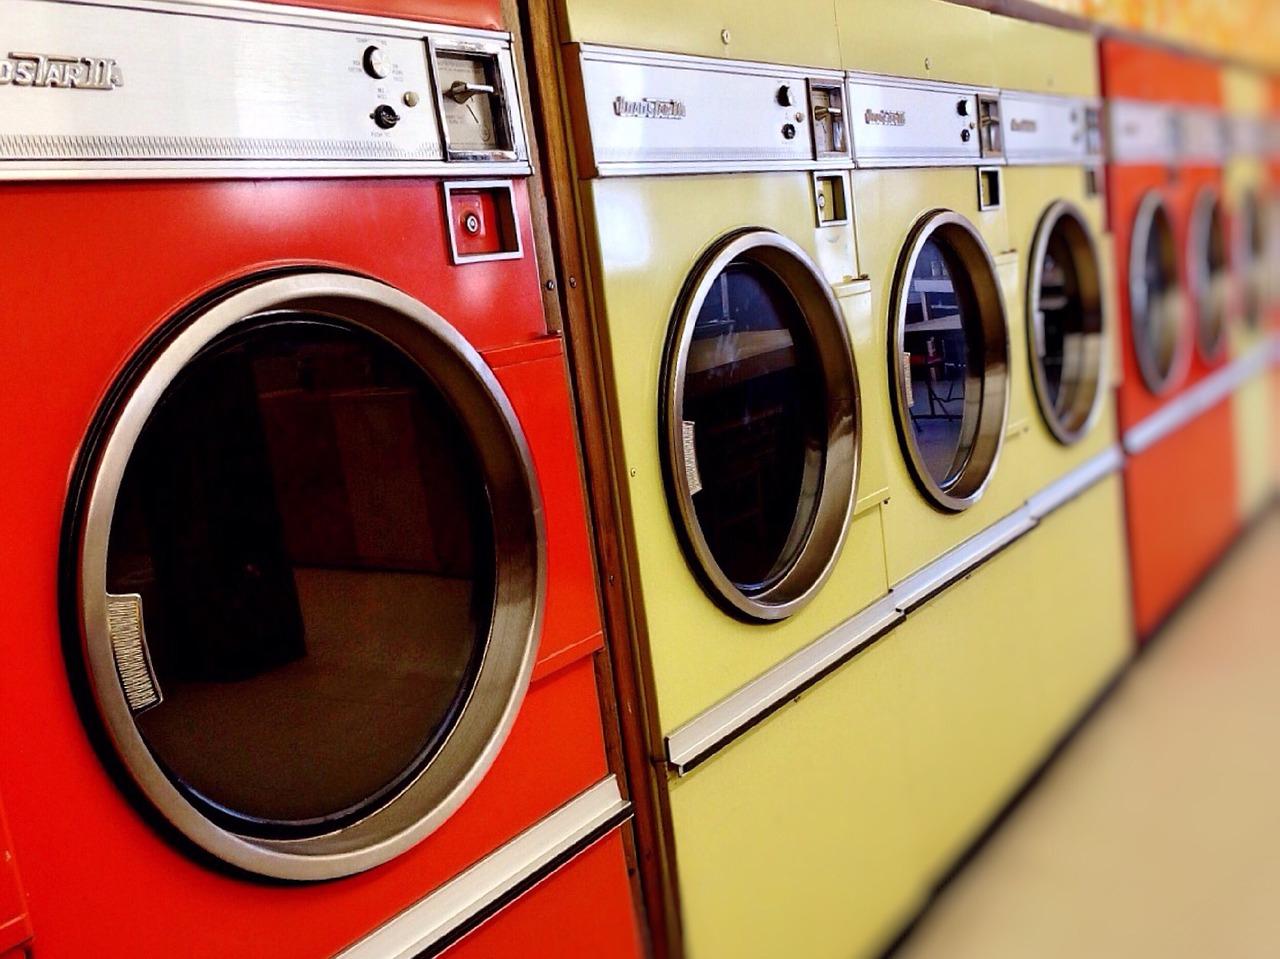 Large Family Laundry Days